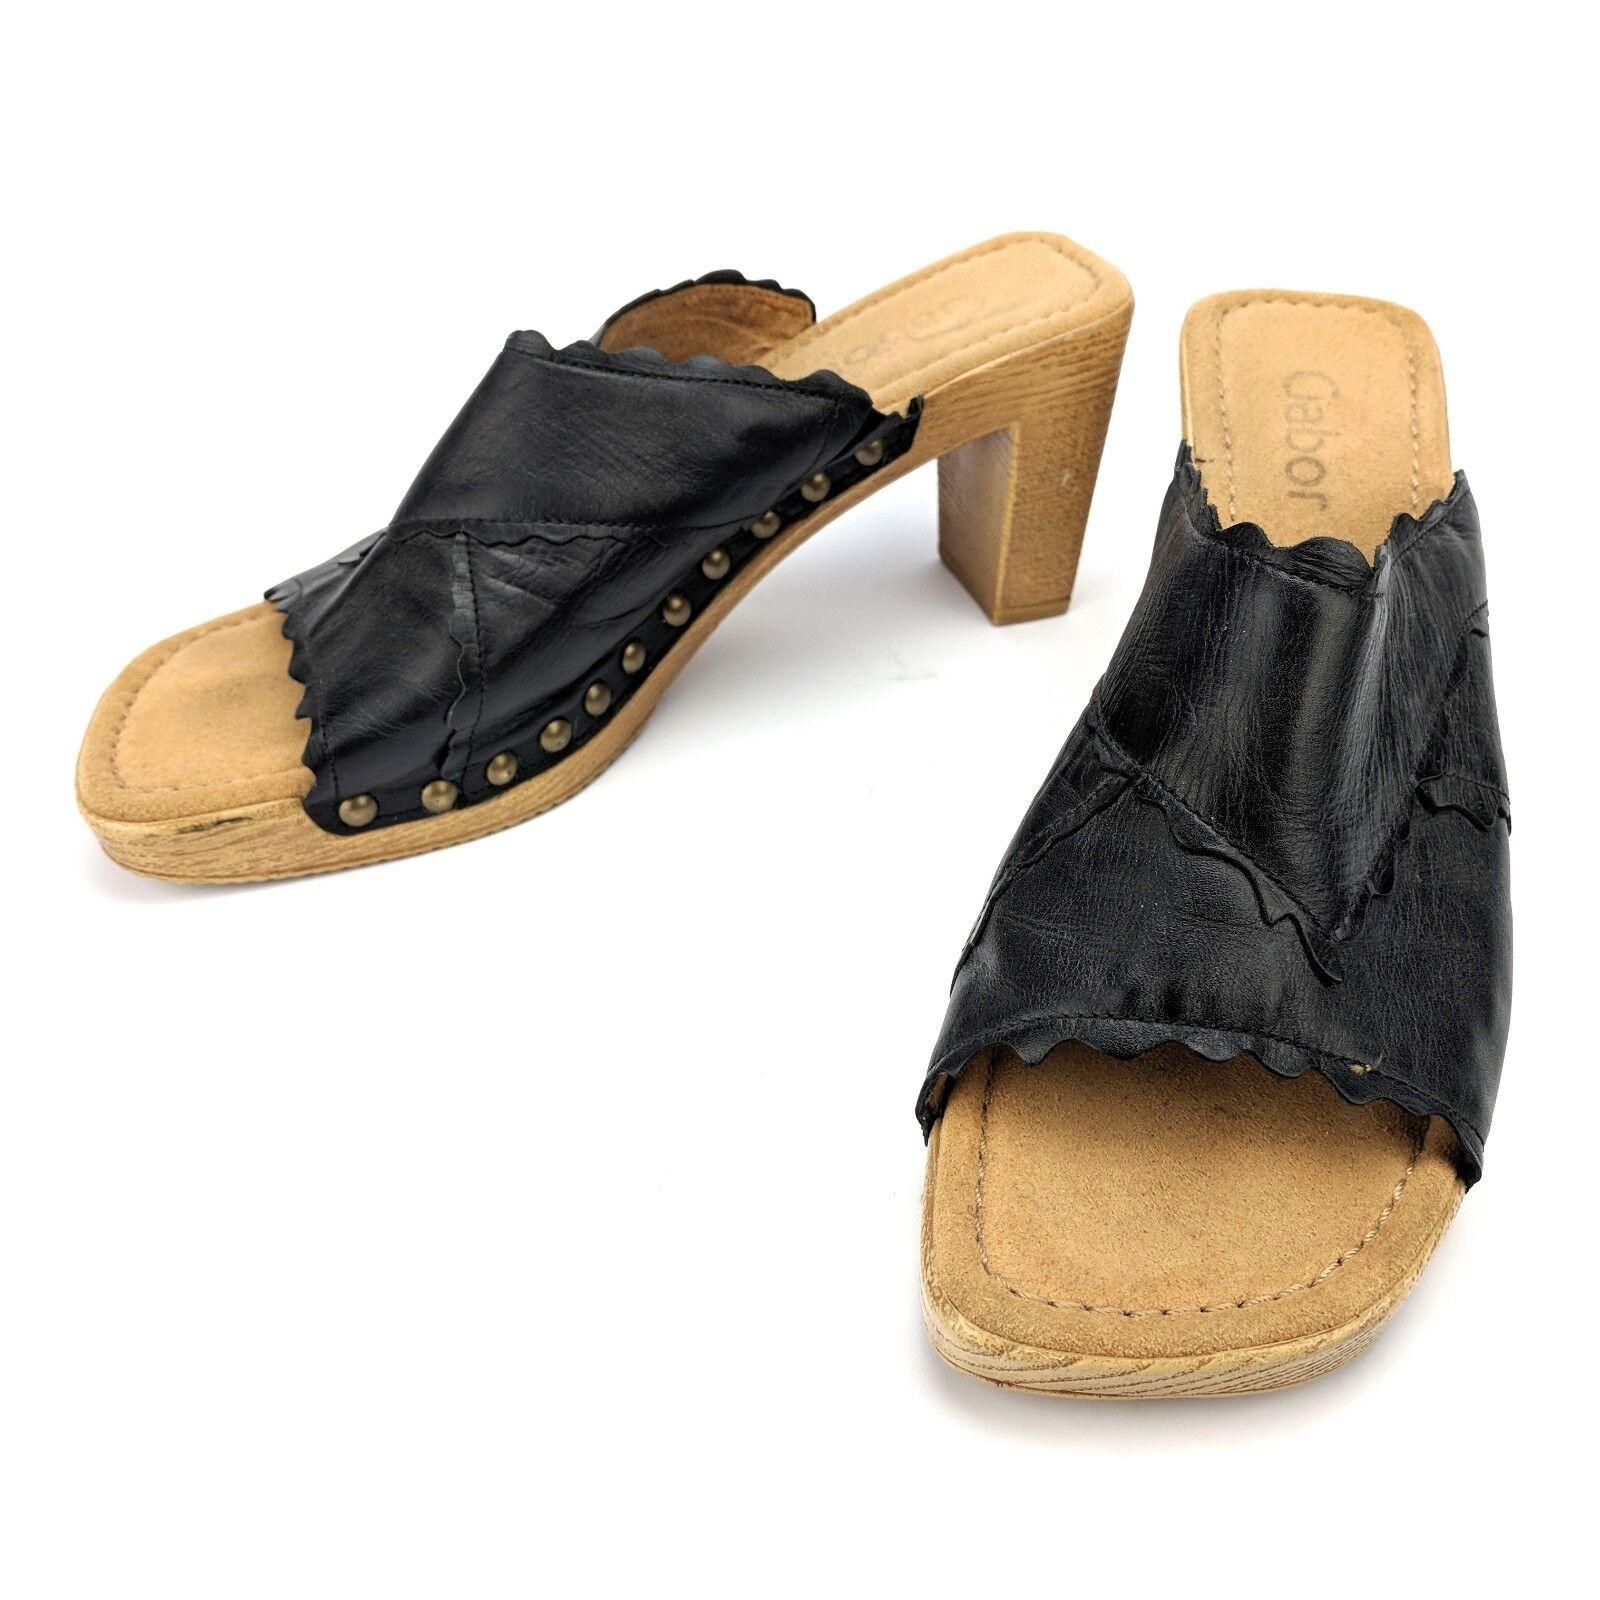 ordina adesso Gabor nero Leather Studded Mule Mule Mule Sandals Heels Open Toe Dimensione US 8 EU 39  forniamo il meglio